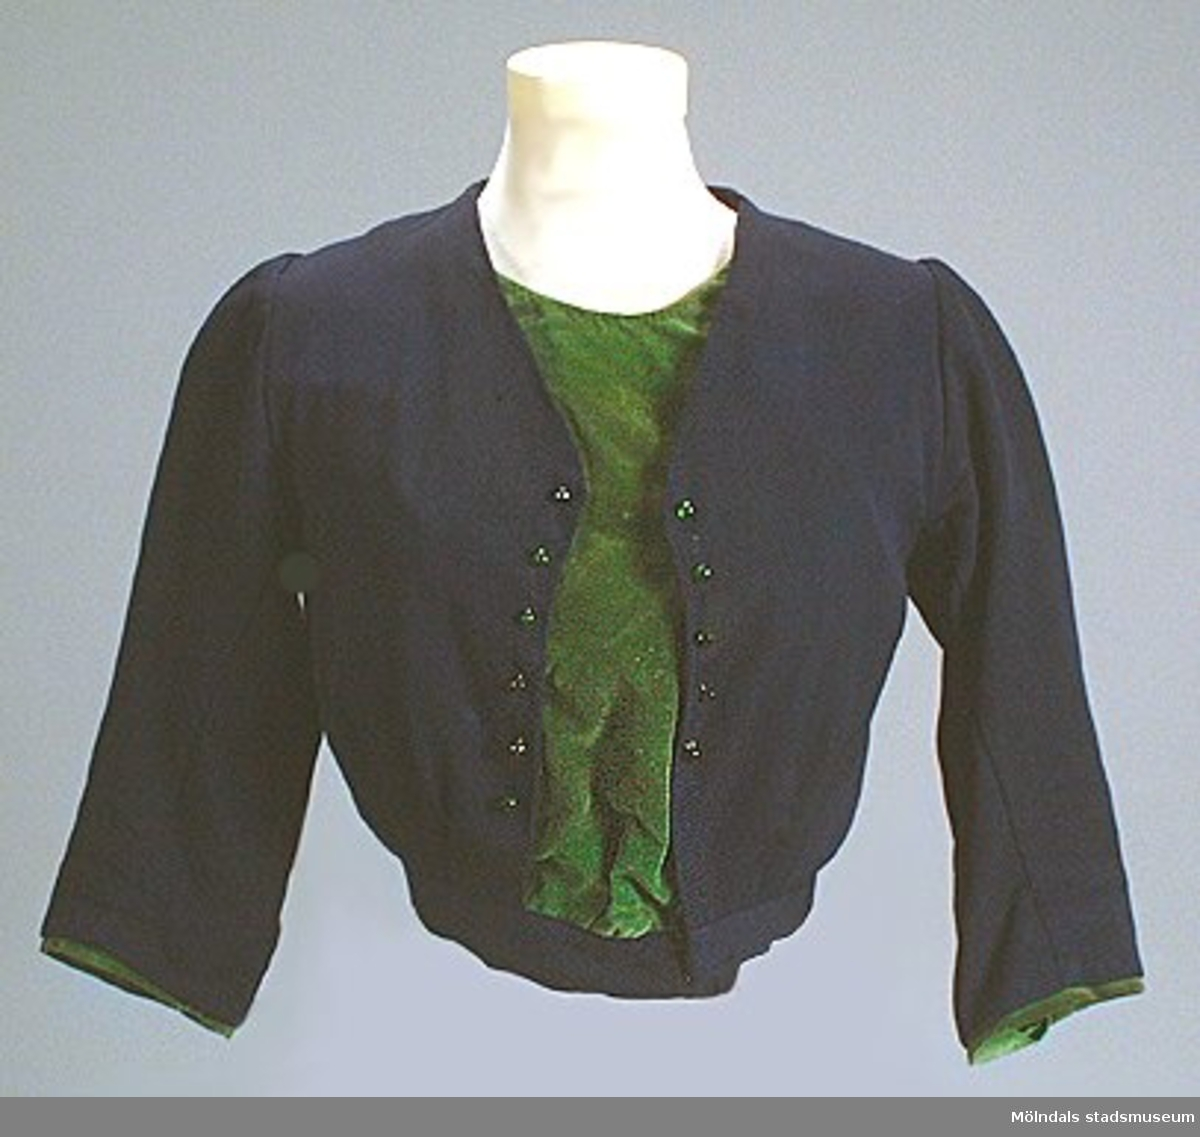 Kraglöst klänningsliv i mörkblå ull med grön sammetsbesparing. Livet är garnerat med små gröna glaspärlor. Fodrat och omsytt.